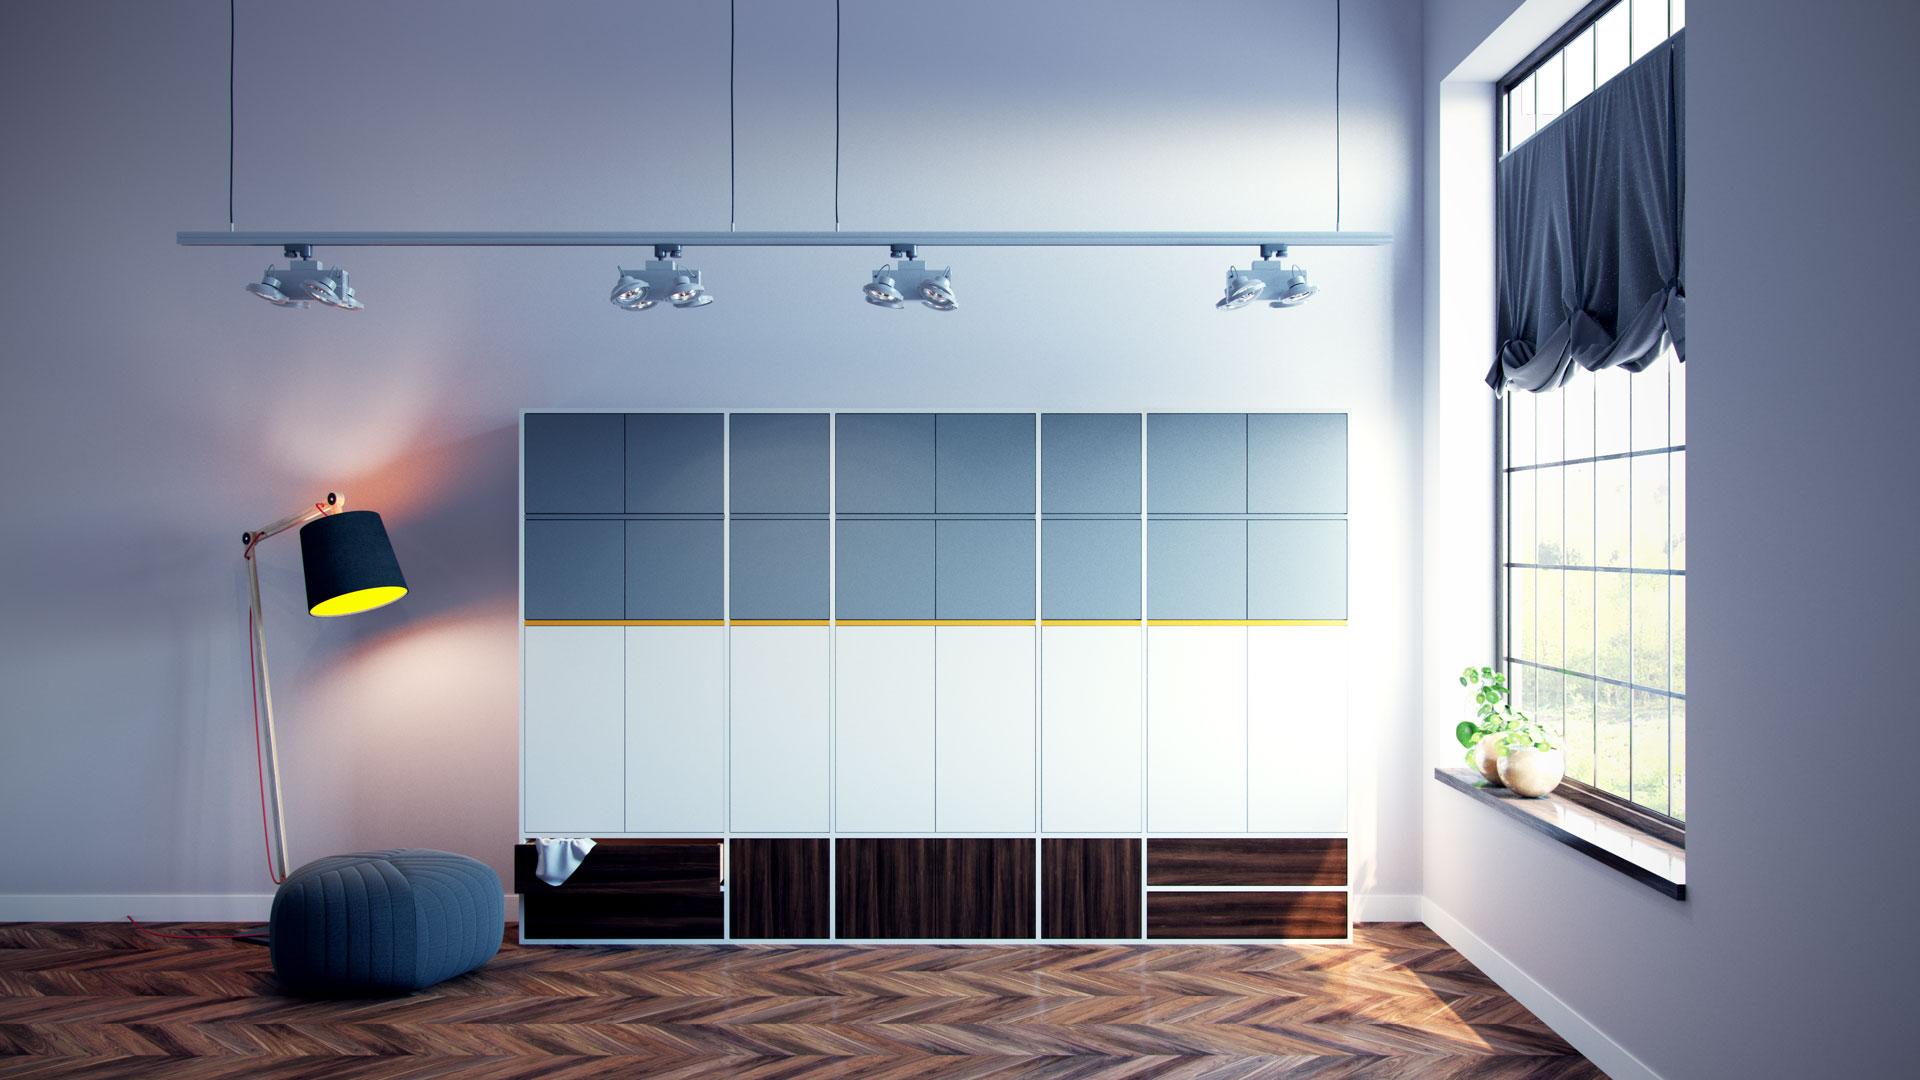 Placards configurer armoire par mycs - Concevoir un placard ...